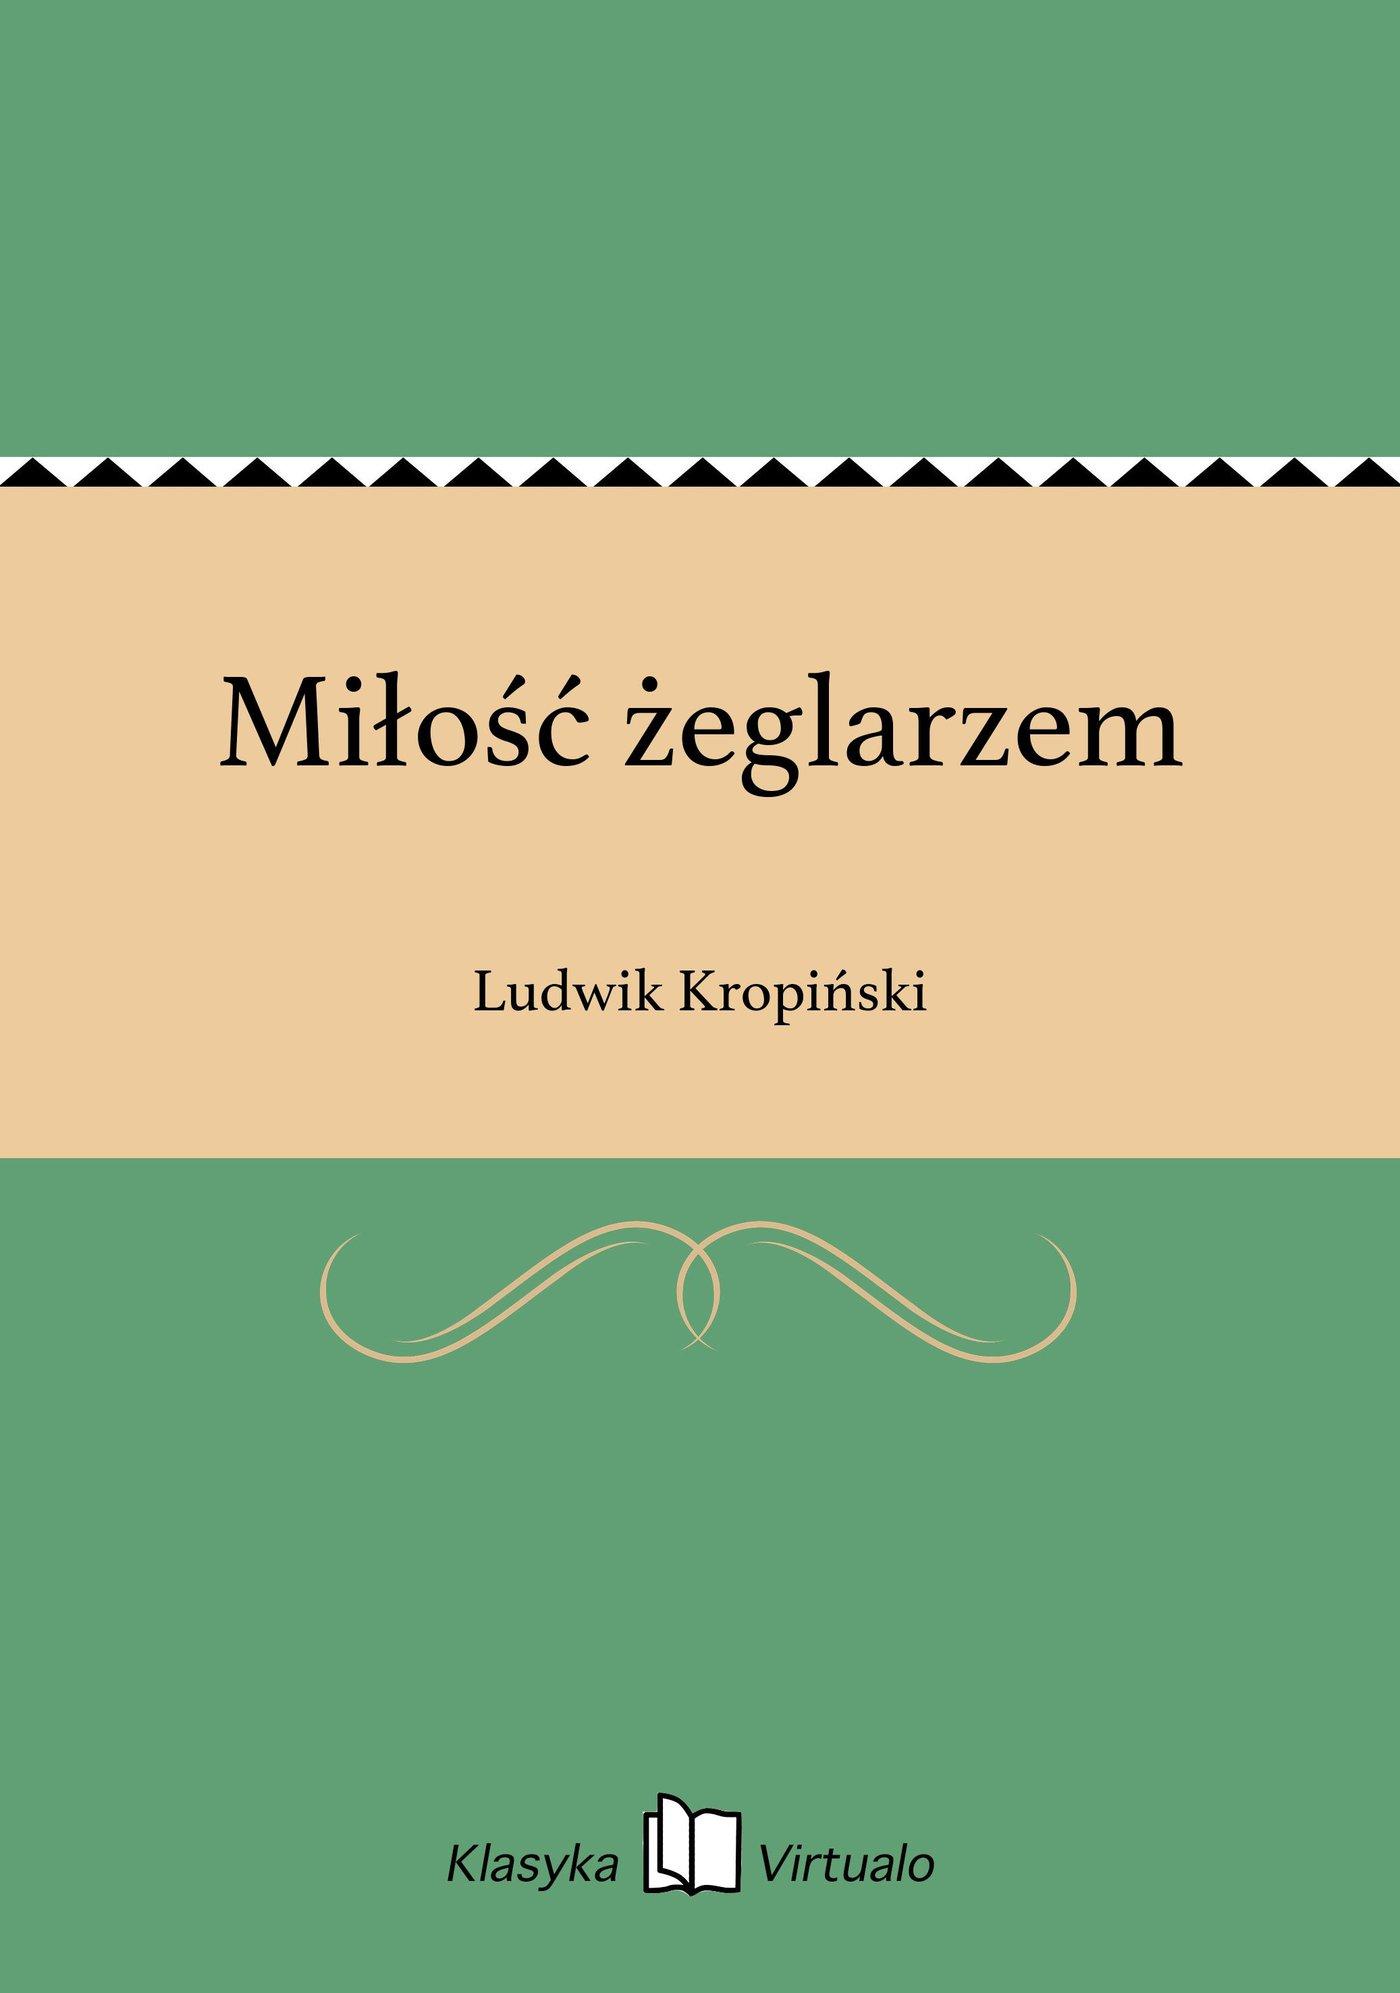 Miłość żeglarzem - Ebook (Książka na Kindle) do pobrania w formacie MOBI